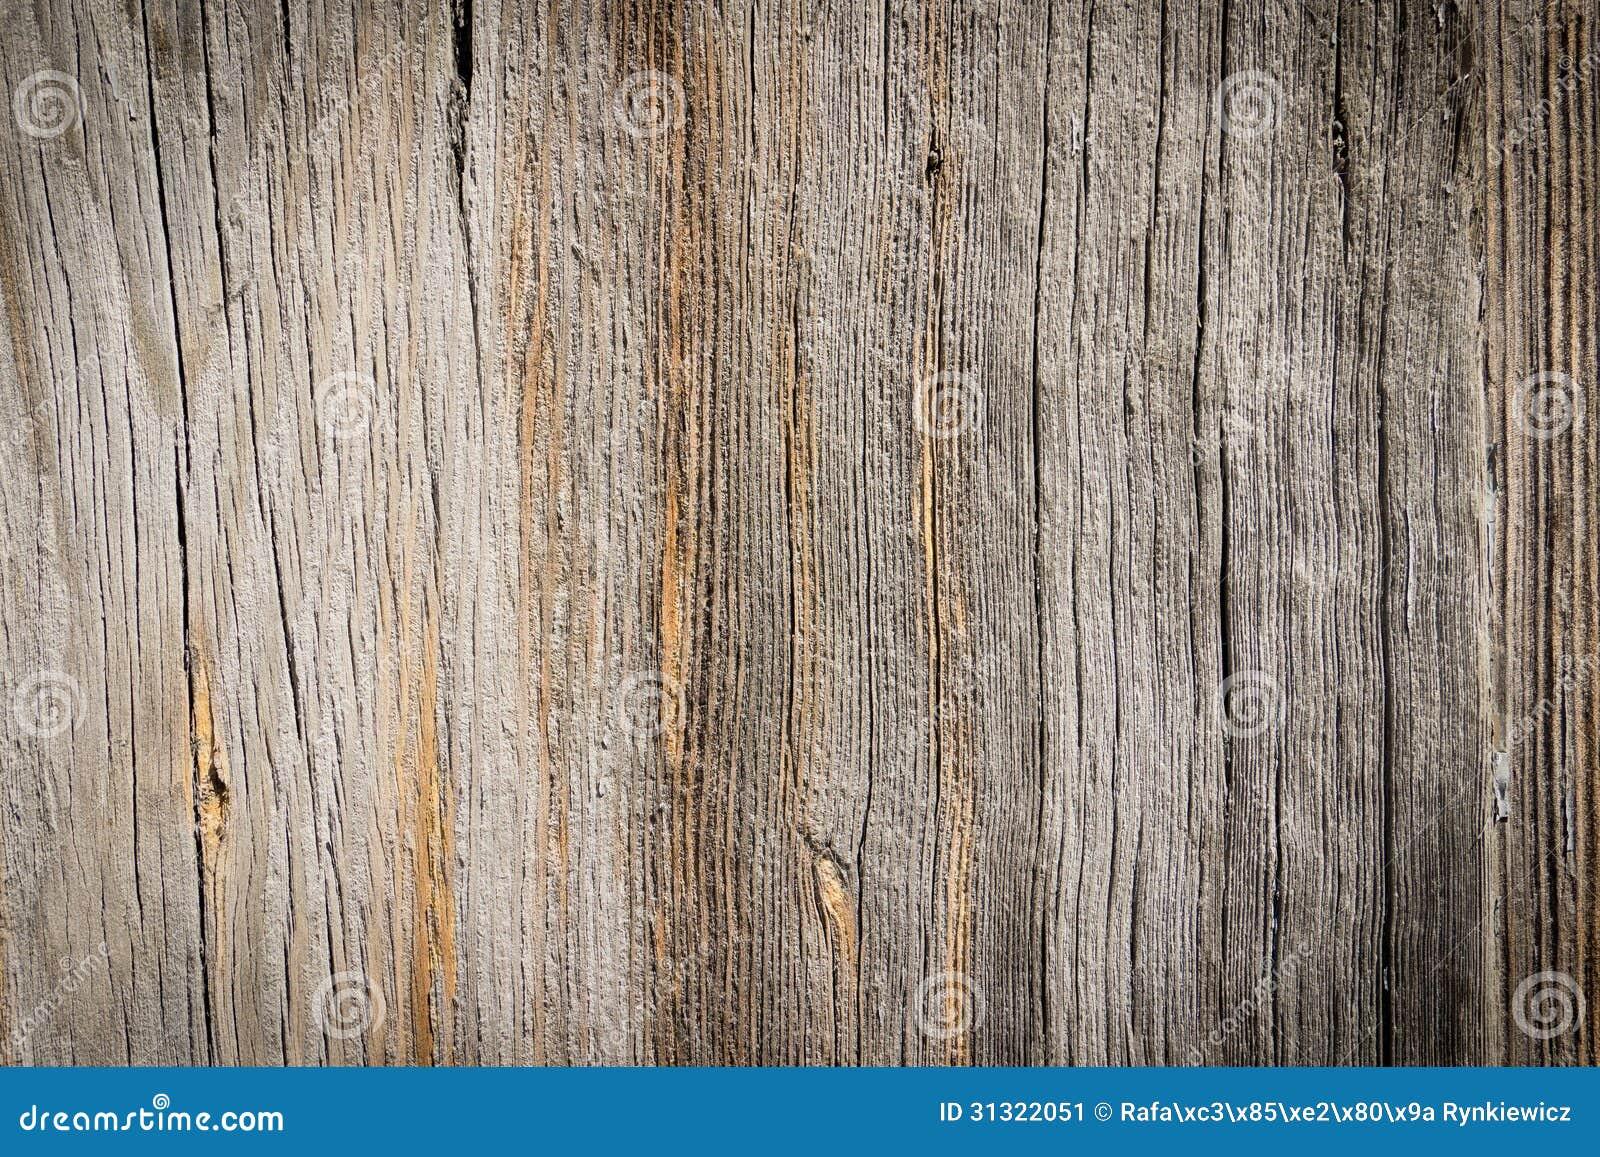 texture en bois de mur de planche image stock image. Black Bedroom Furniture Sets. Home Design Ideas